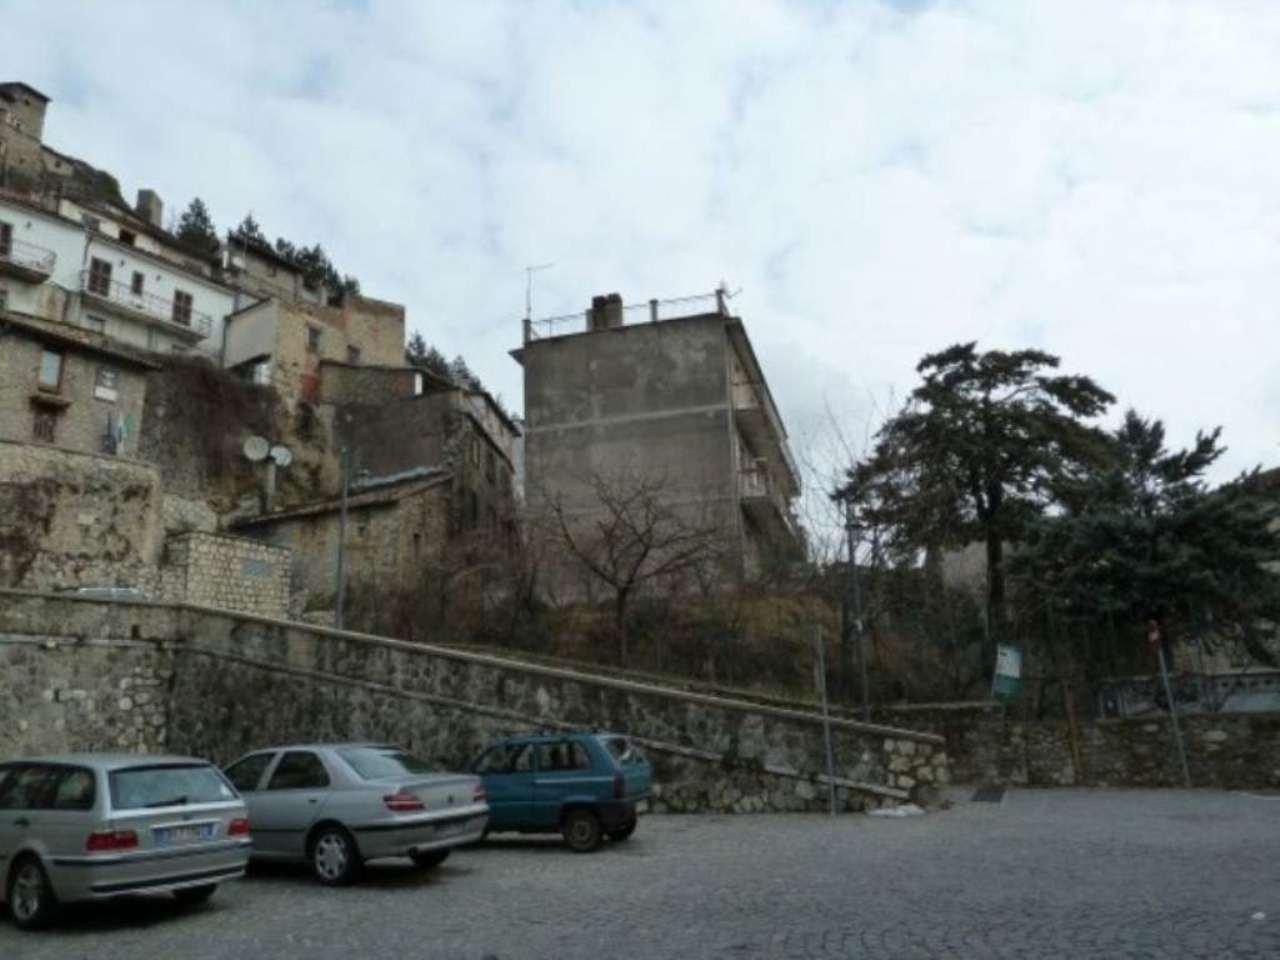 Appartamento in vendita a Carsoli, 5 locali, prezzo € 138.500 | Cambio Casa.it